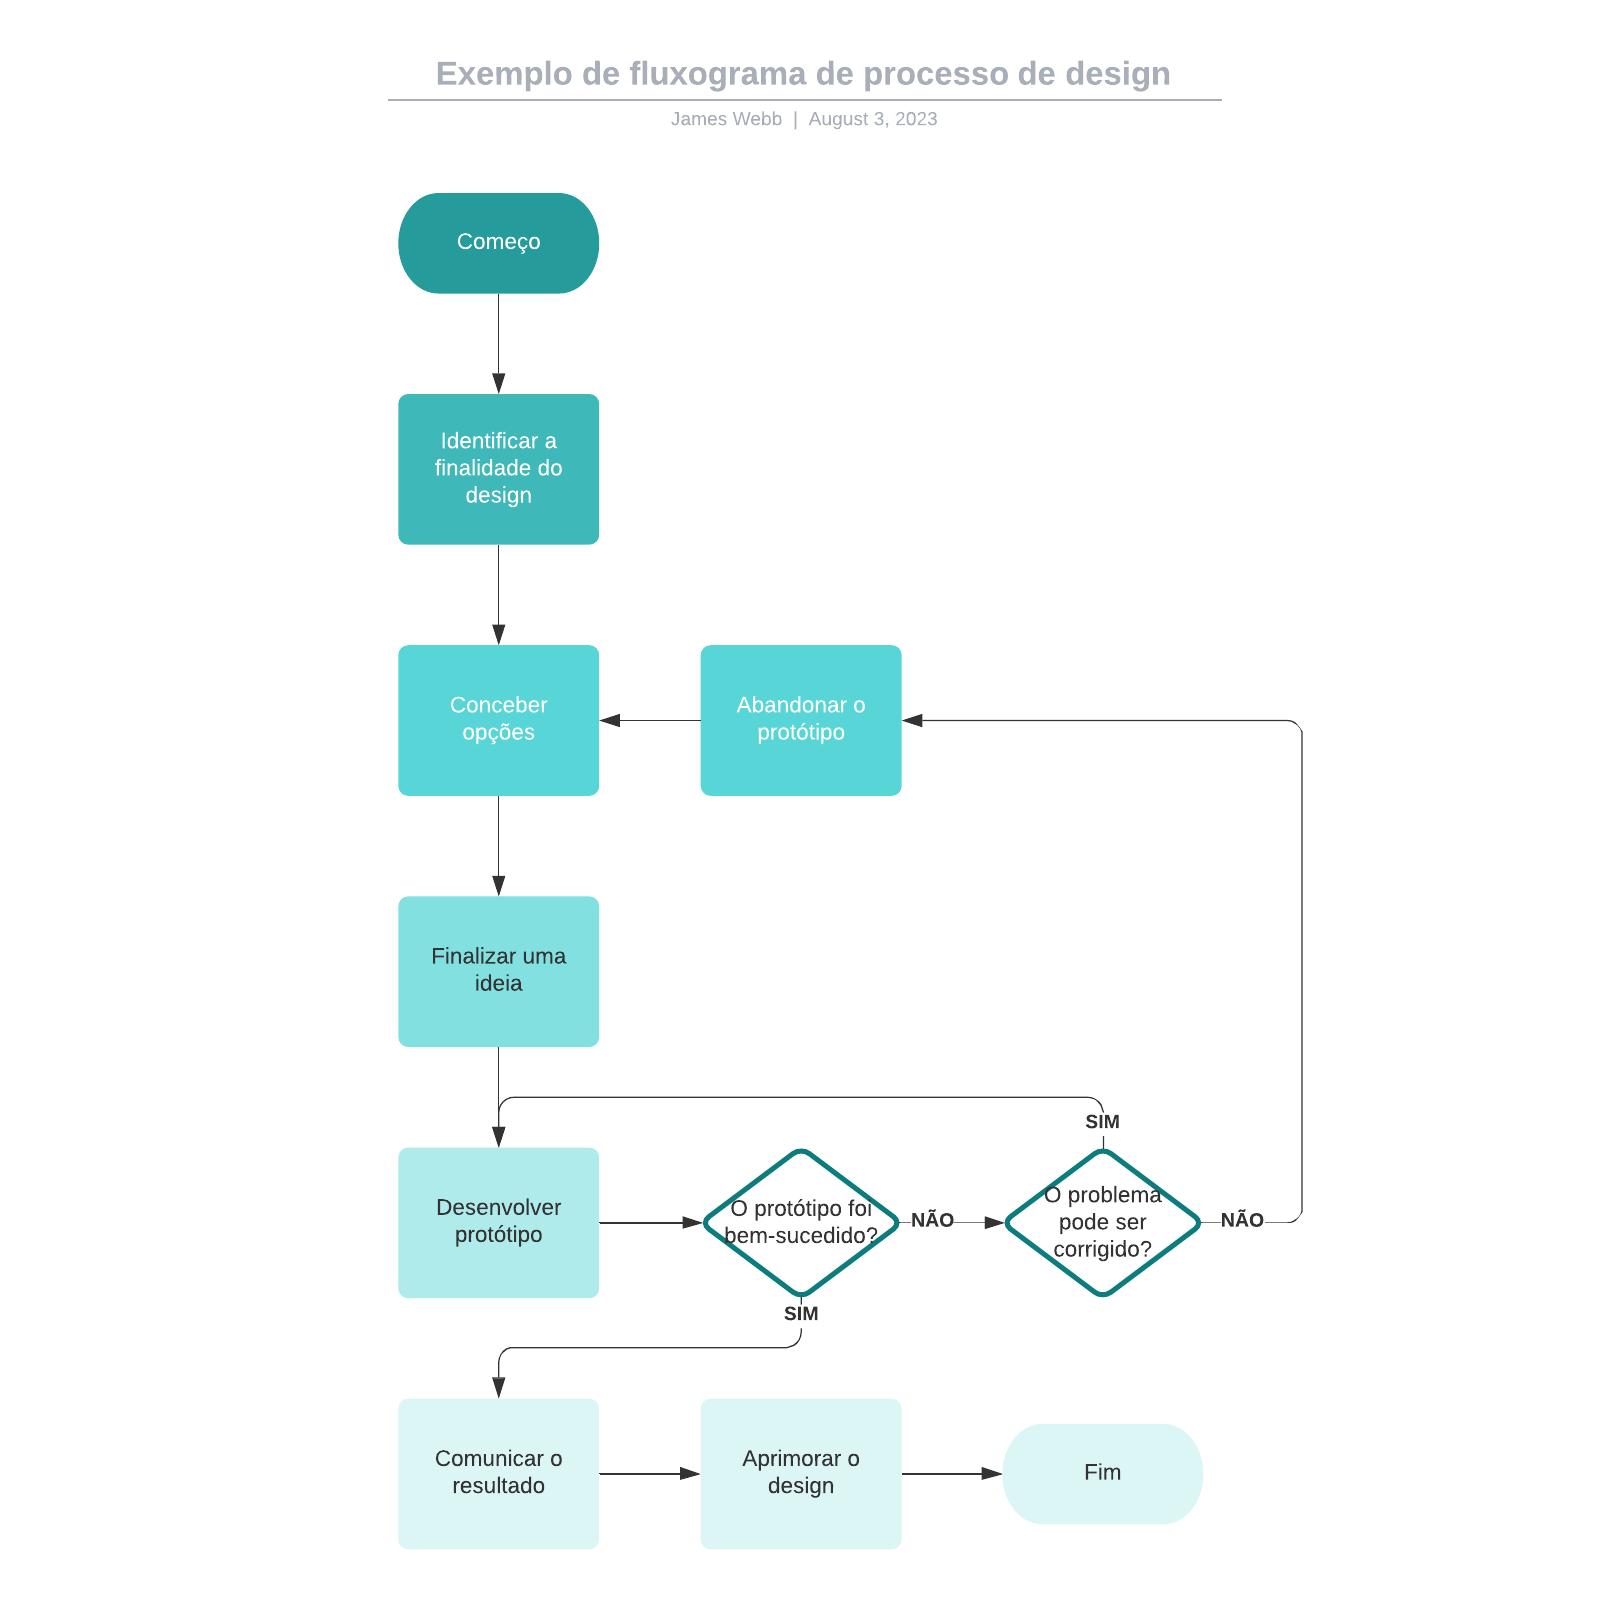 Exemplo de fluxograma de processo de design